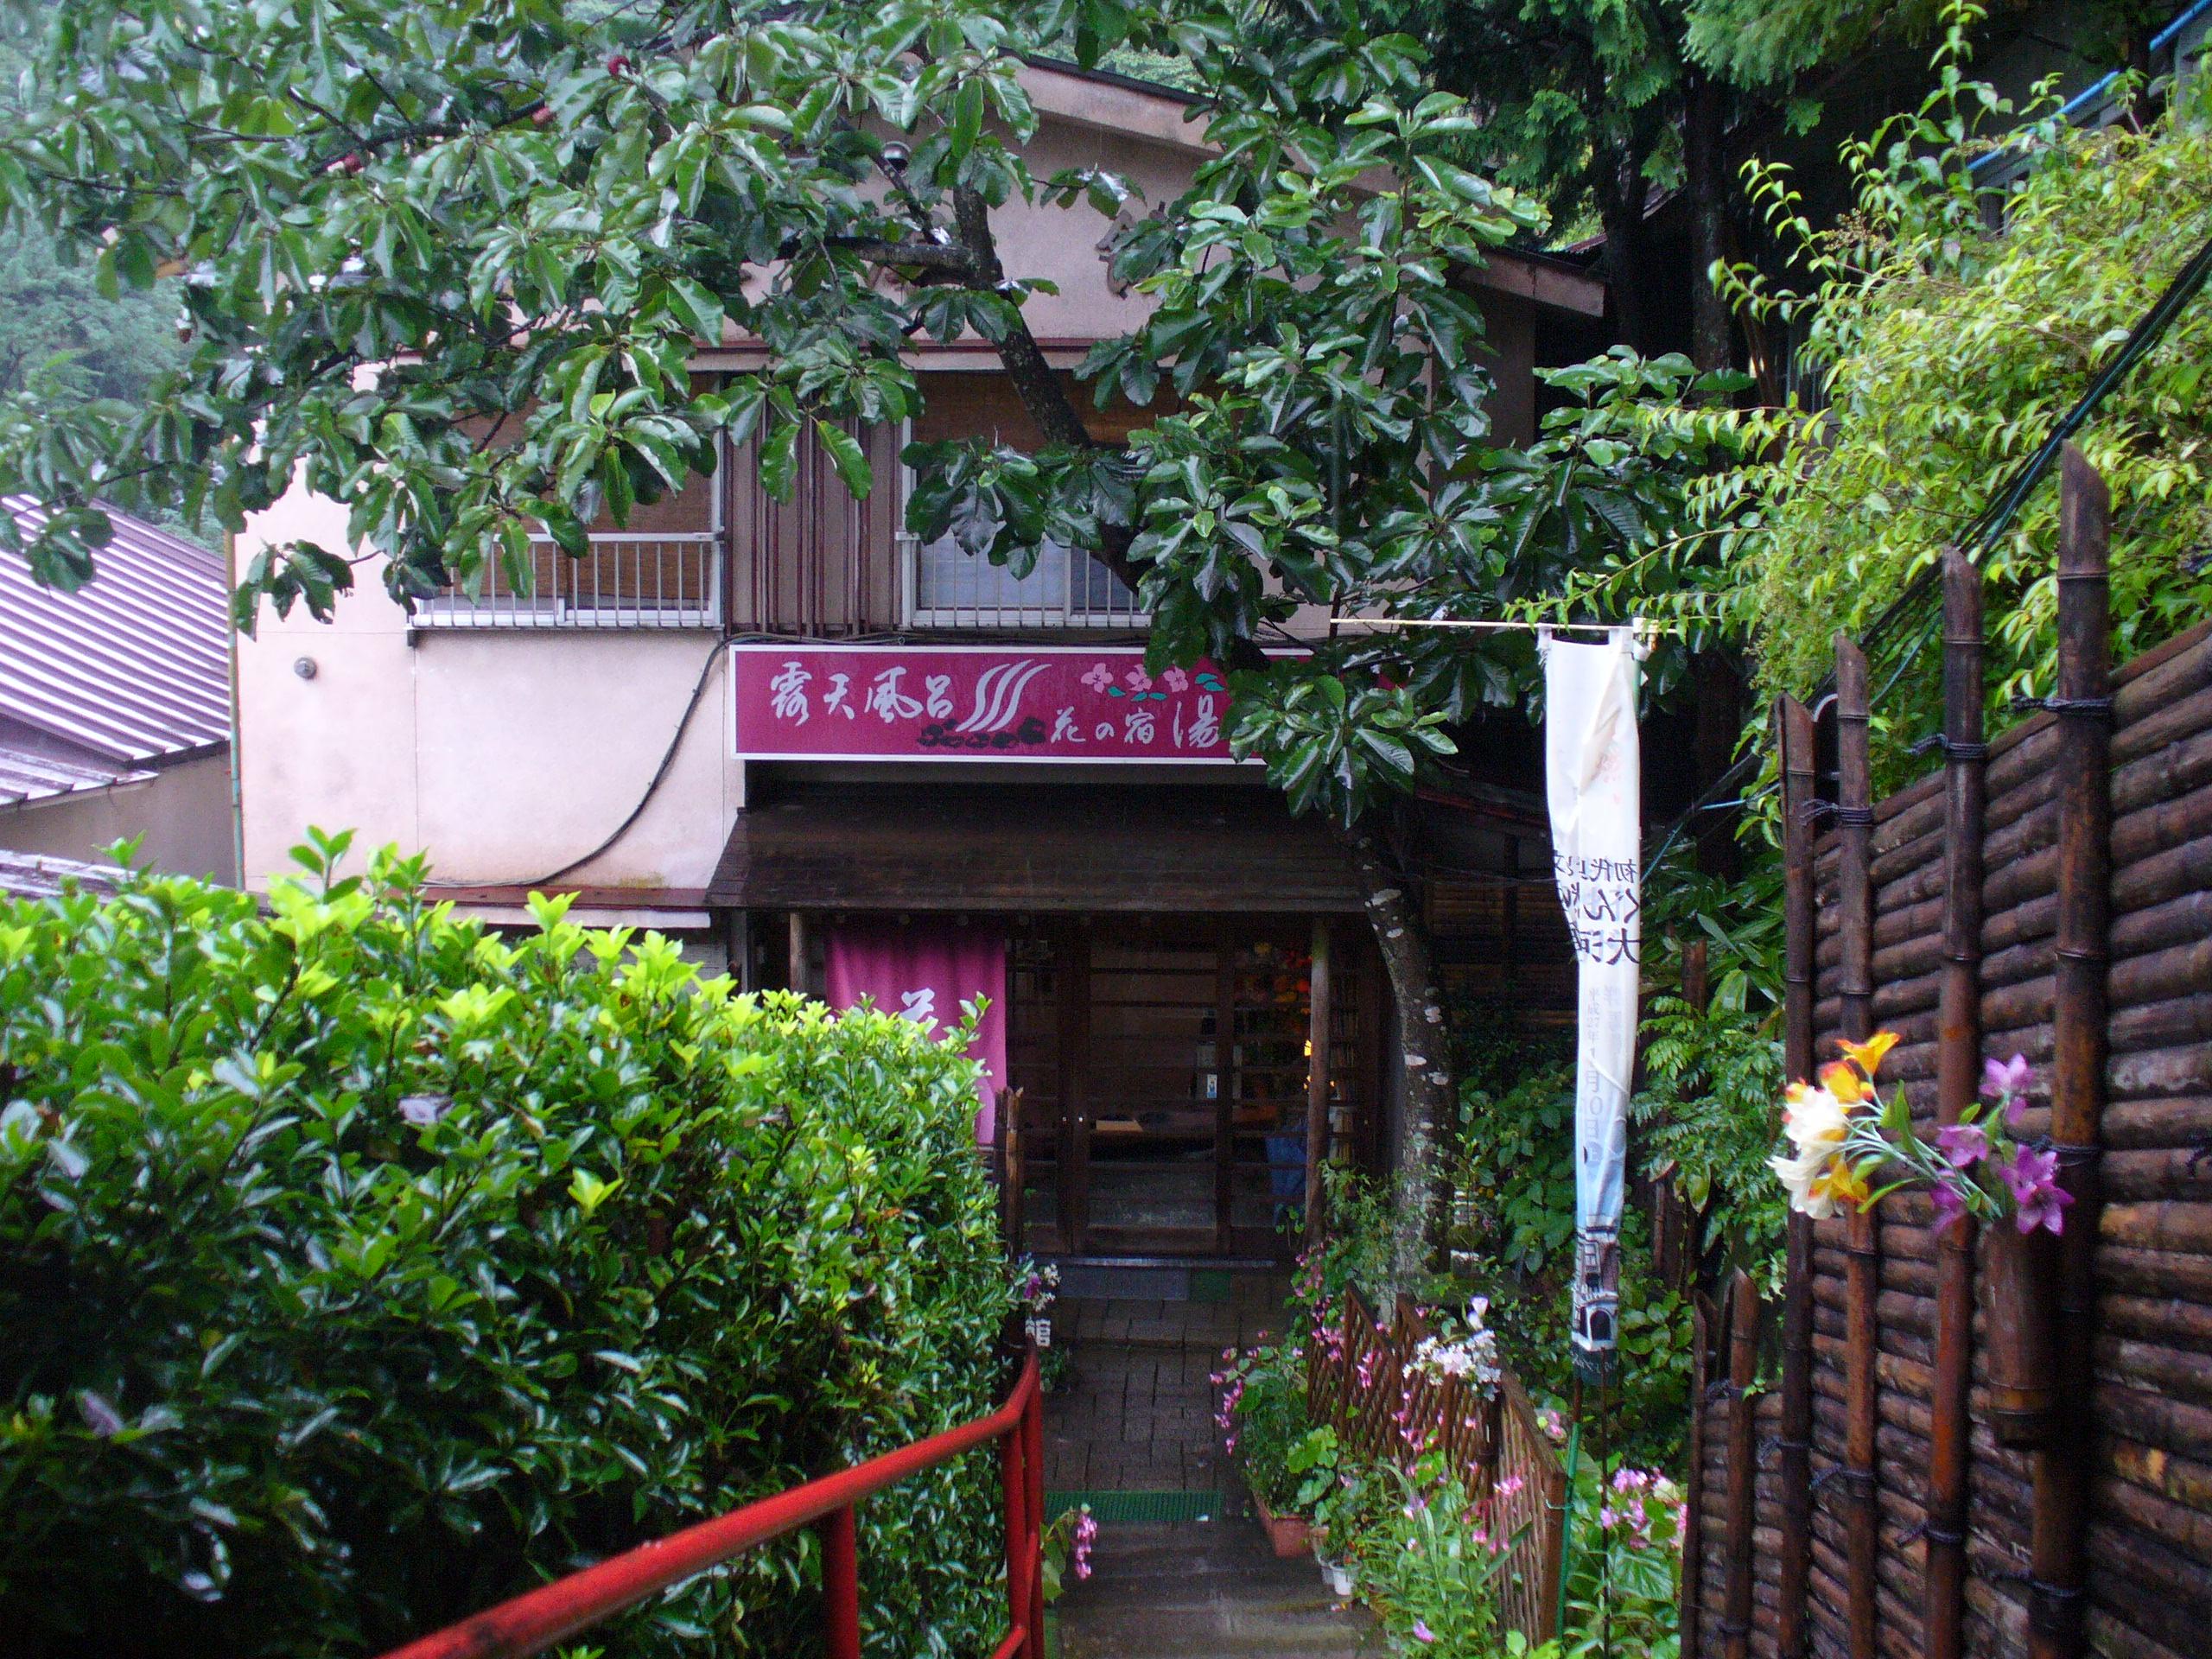 花の宿・湯之沢館の建物。こじんまりと古くいい感じ。